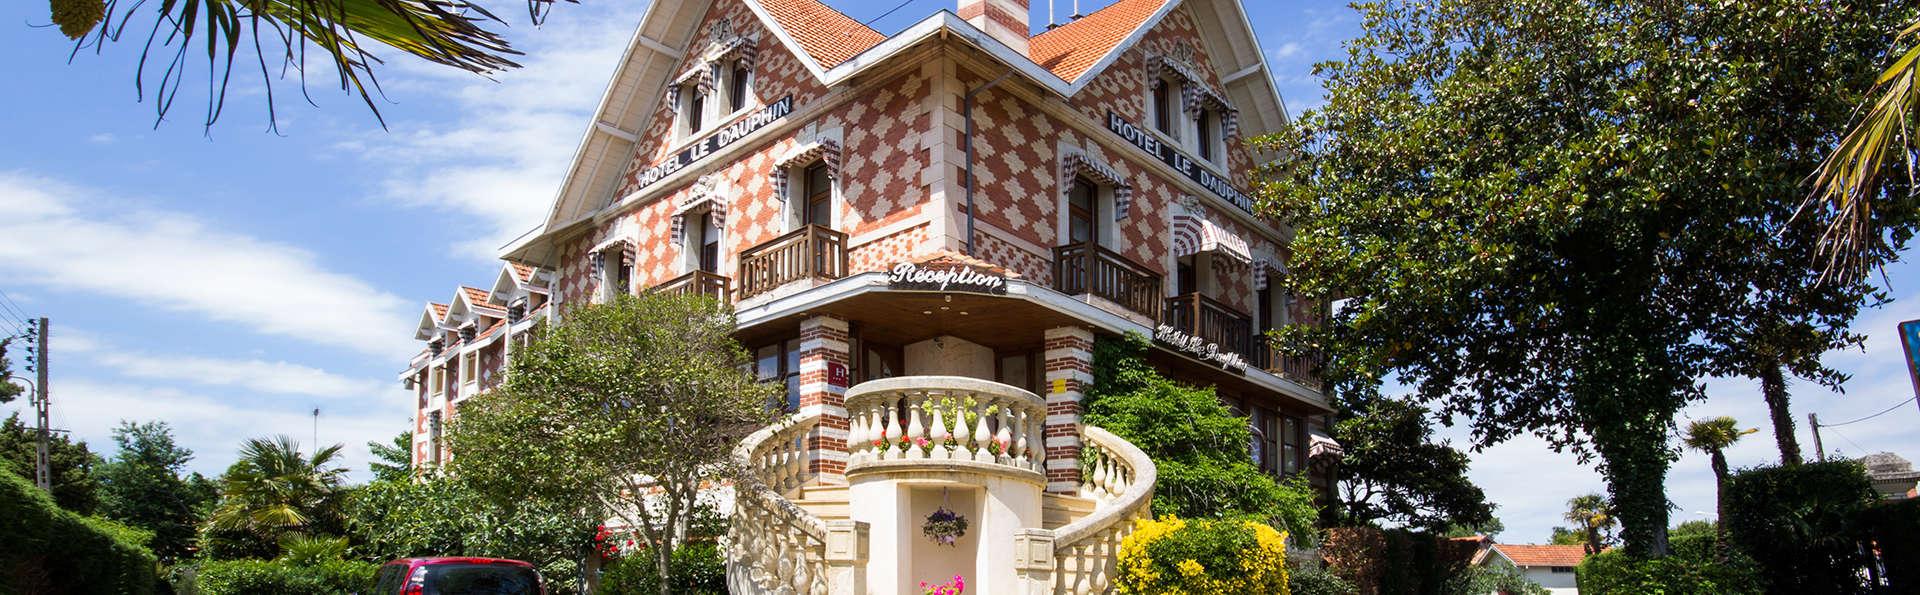 Hôtel Le Dauphin - Arcachon - EDIT_front1.jpg